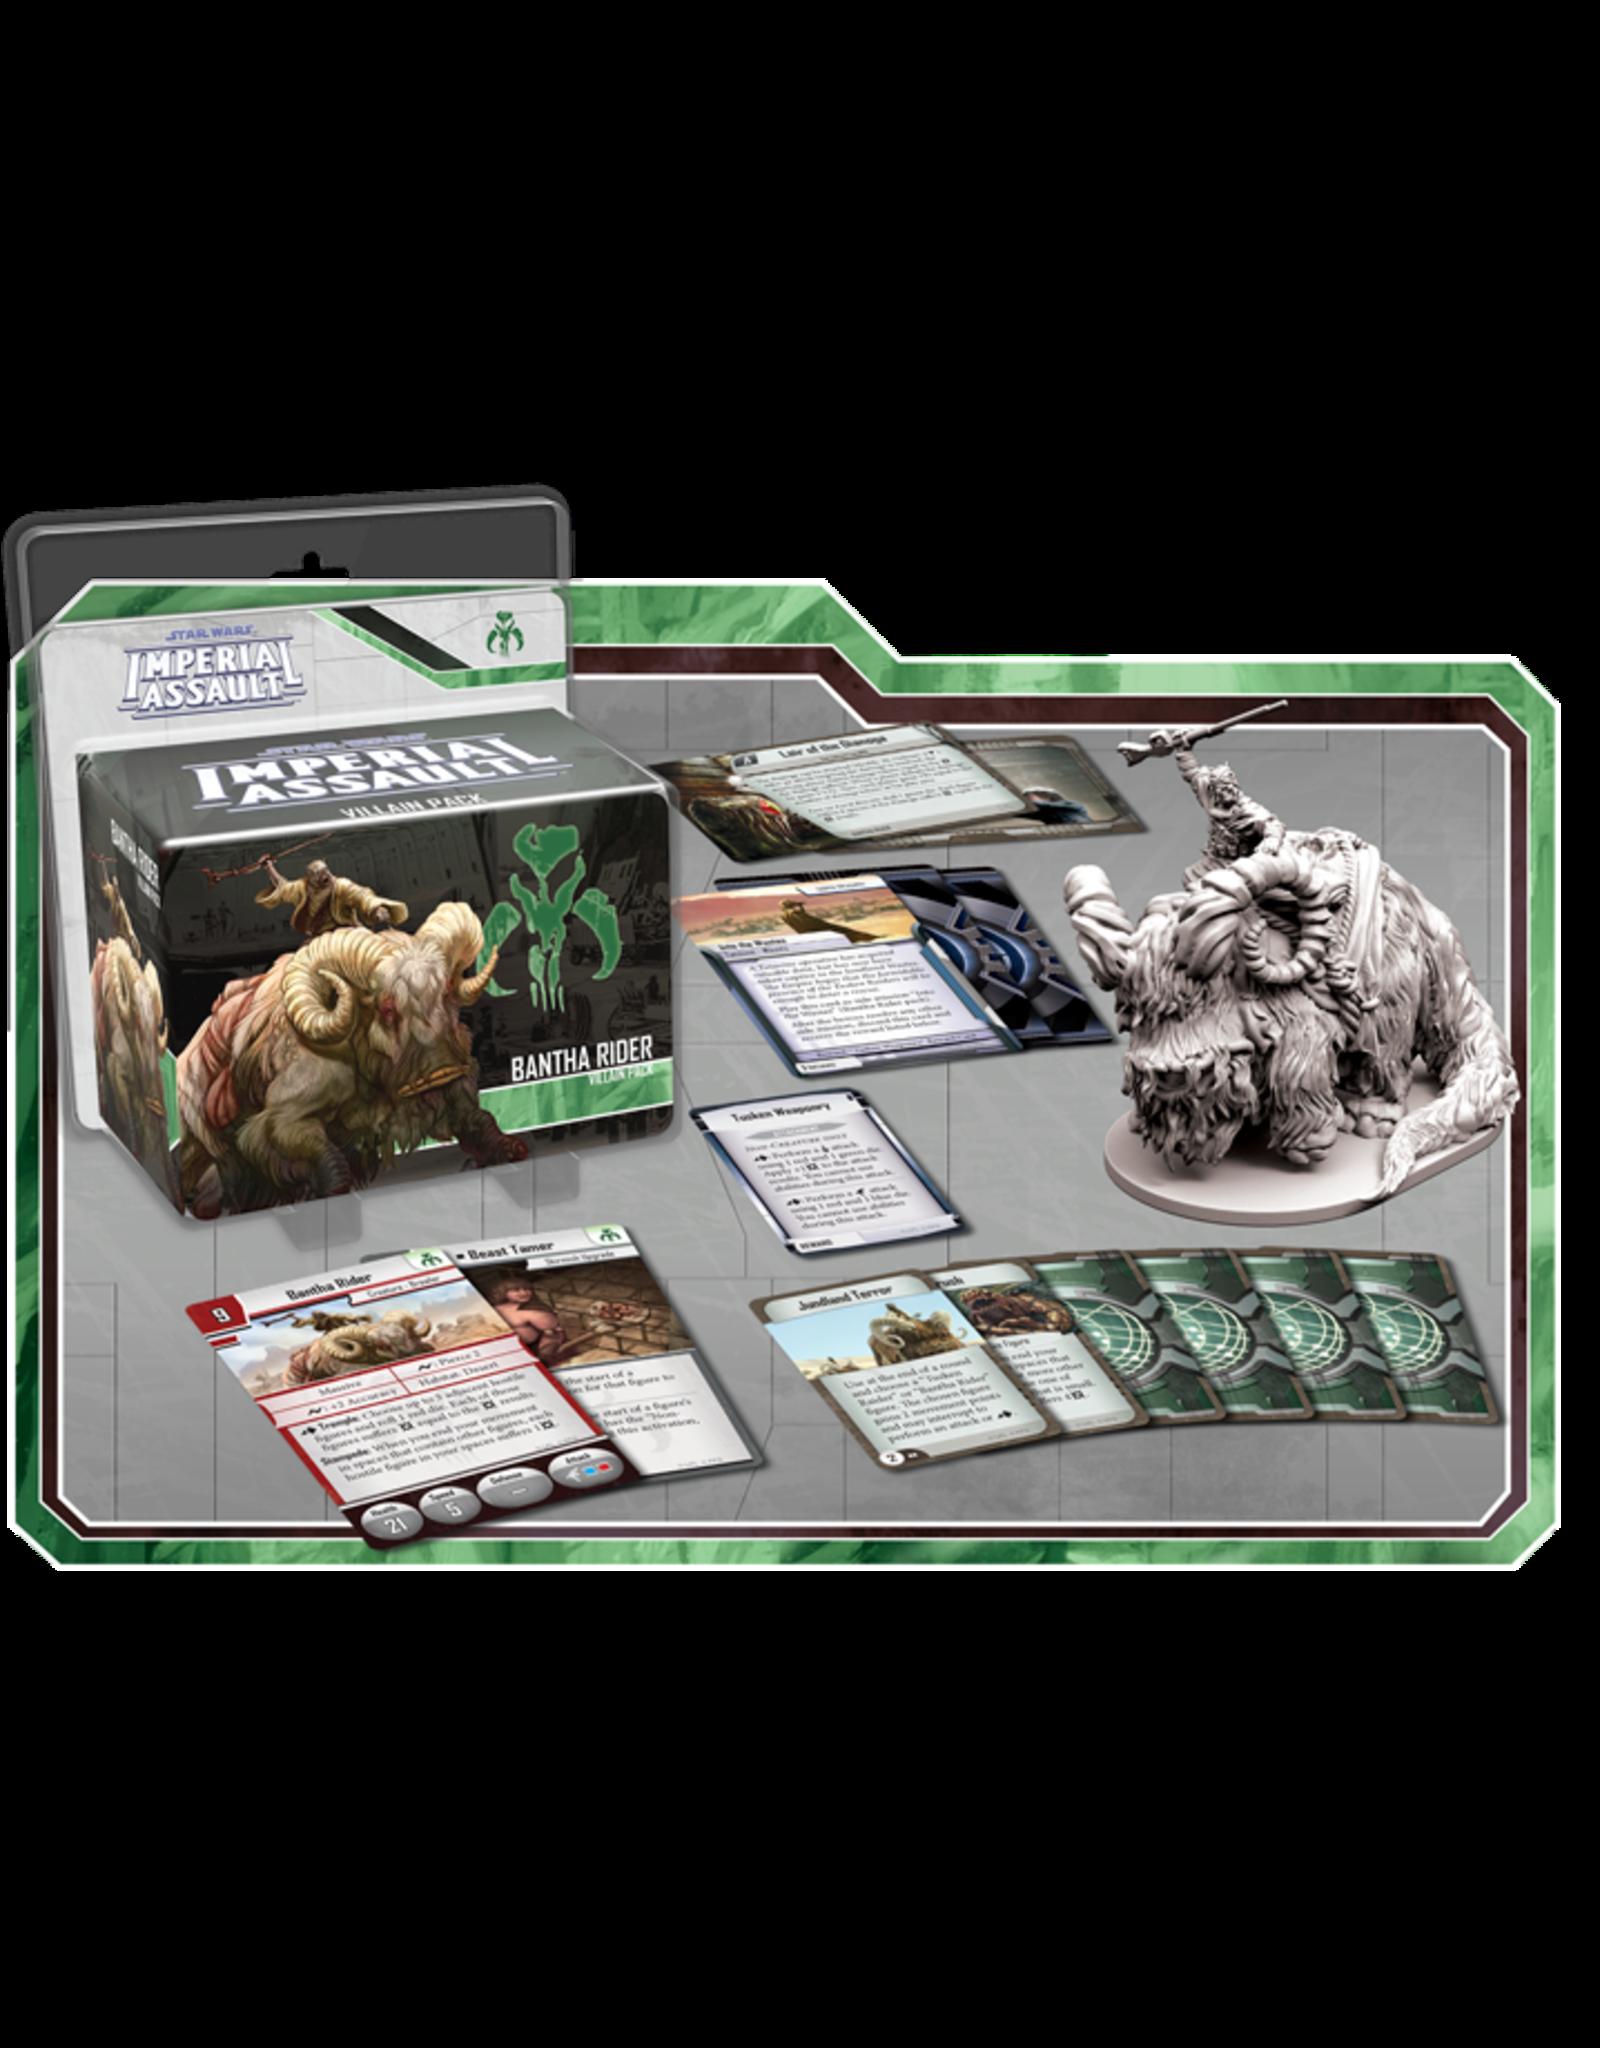 Fantasy Flight Games Star Wars Imperial Assault: Bantha Rider Villain Pack